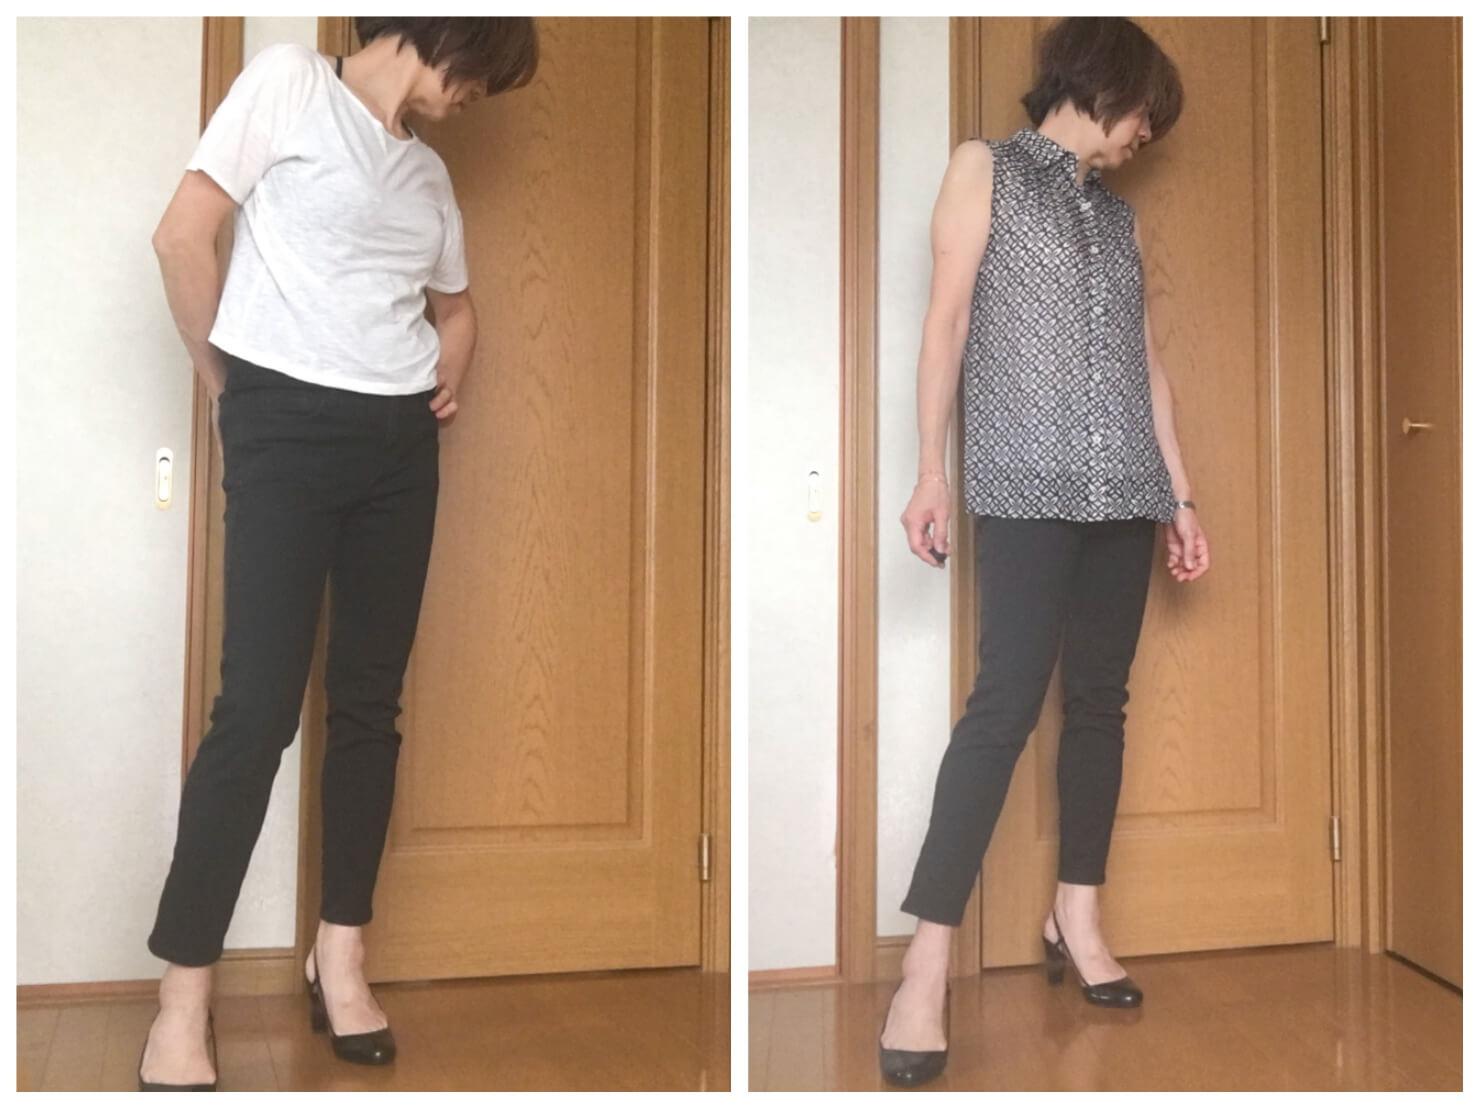 スキニーパンツの痛いファッションと痛くないファッションの写真